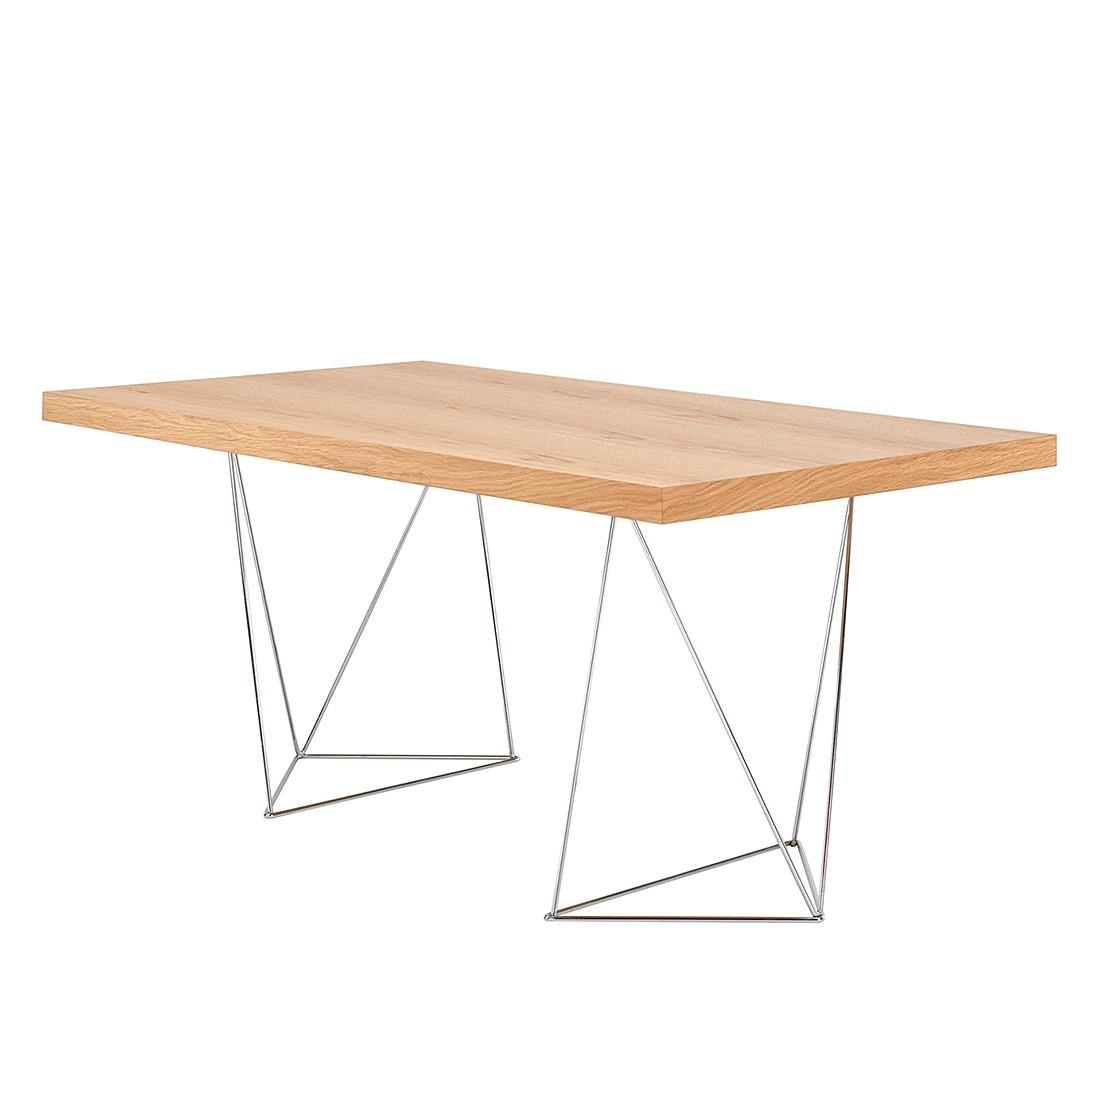 Schreibtisch Multi Trestles – 160 x 90 cm, temahome kaufen